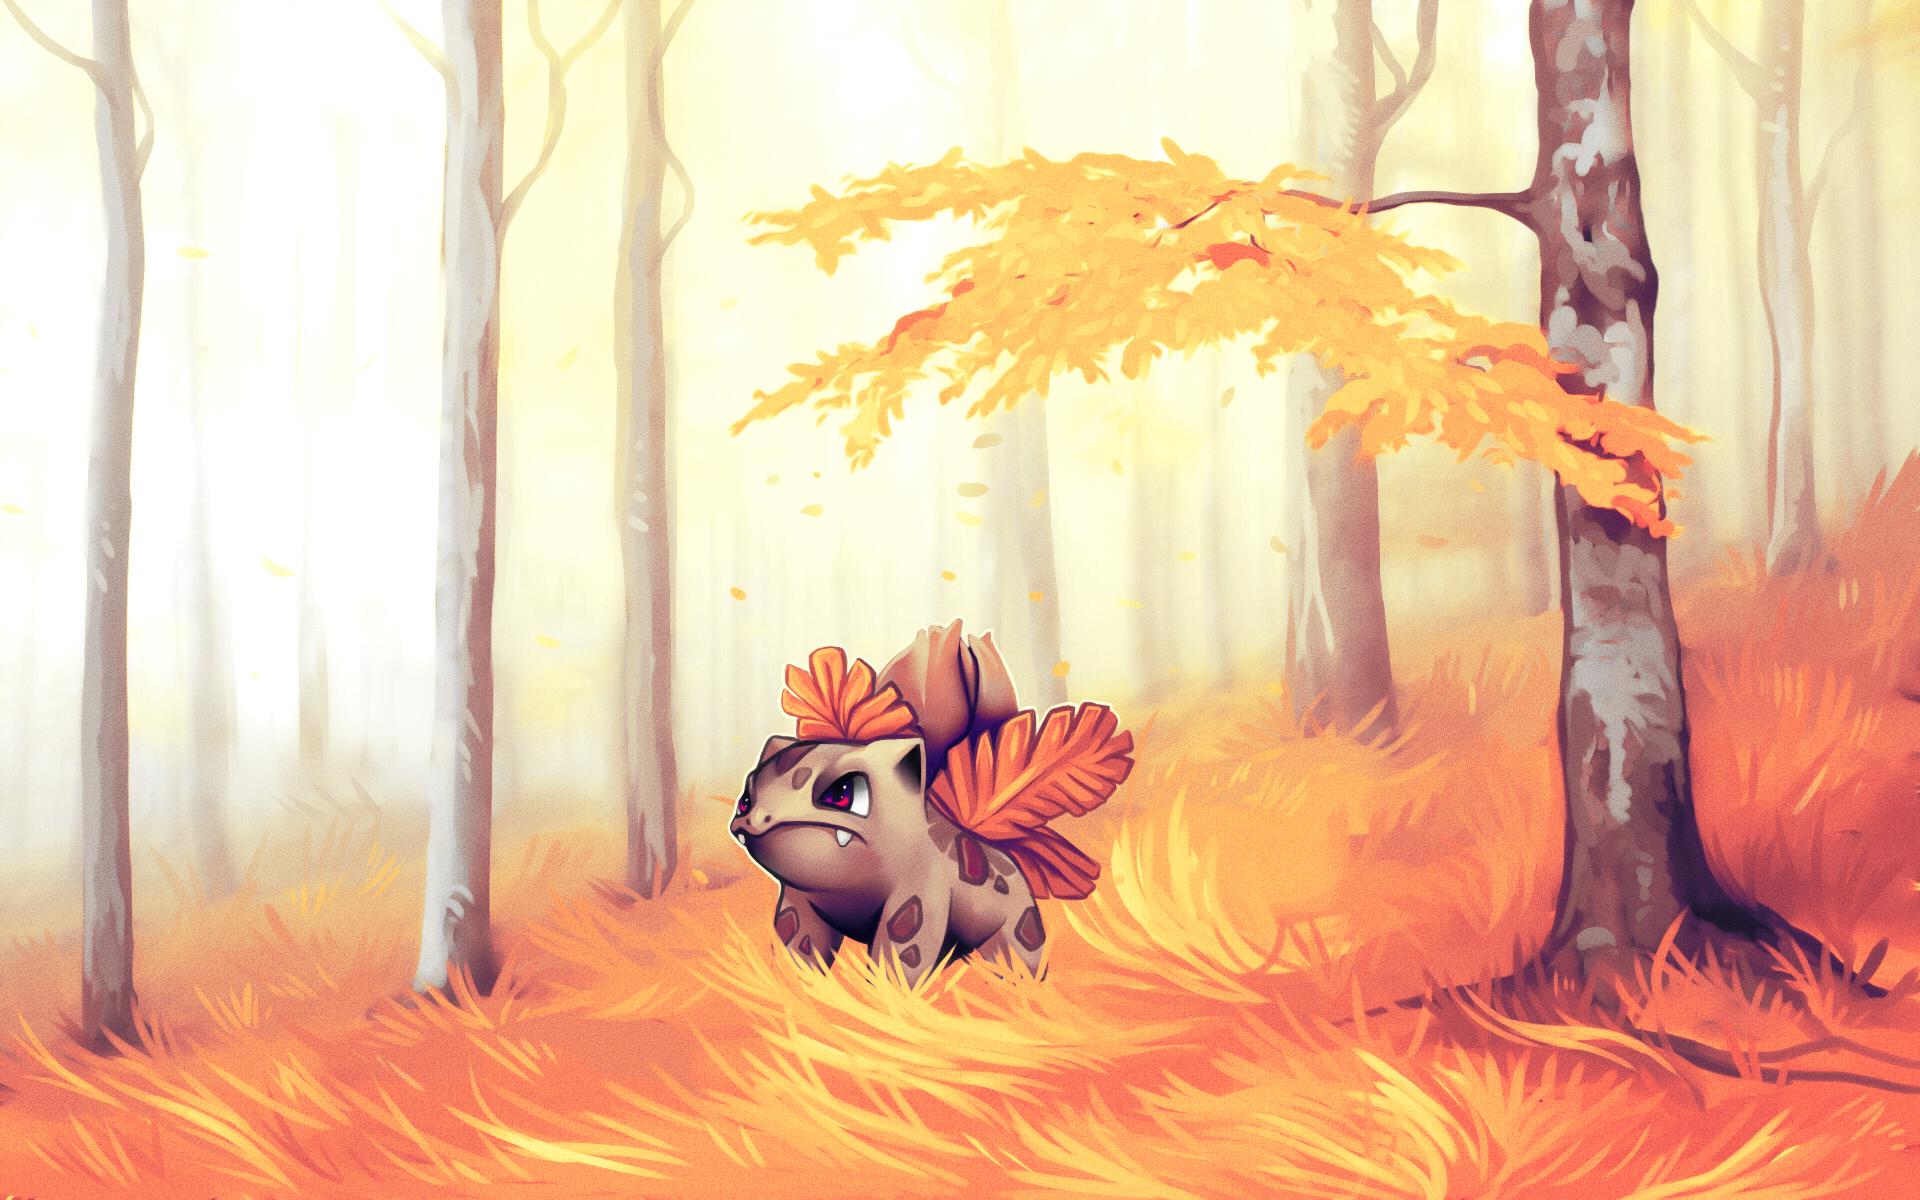 Ivysaur by andrework